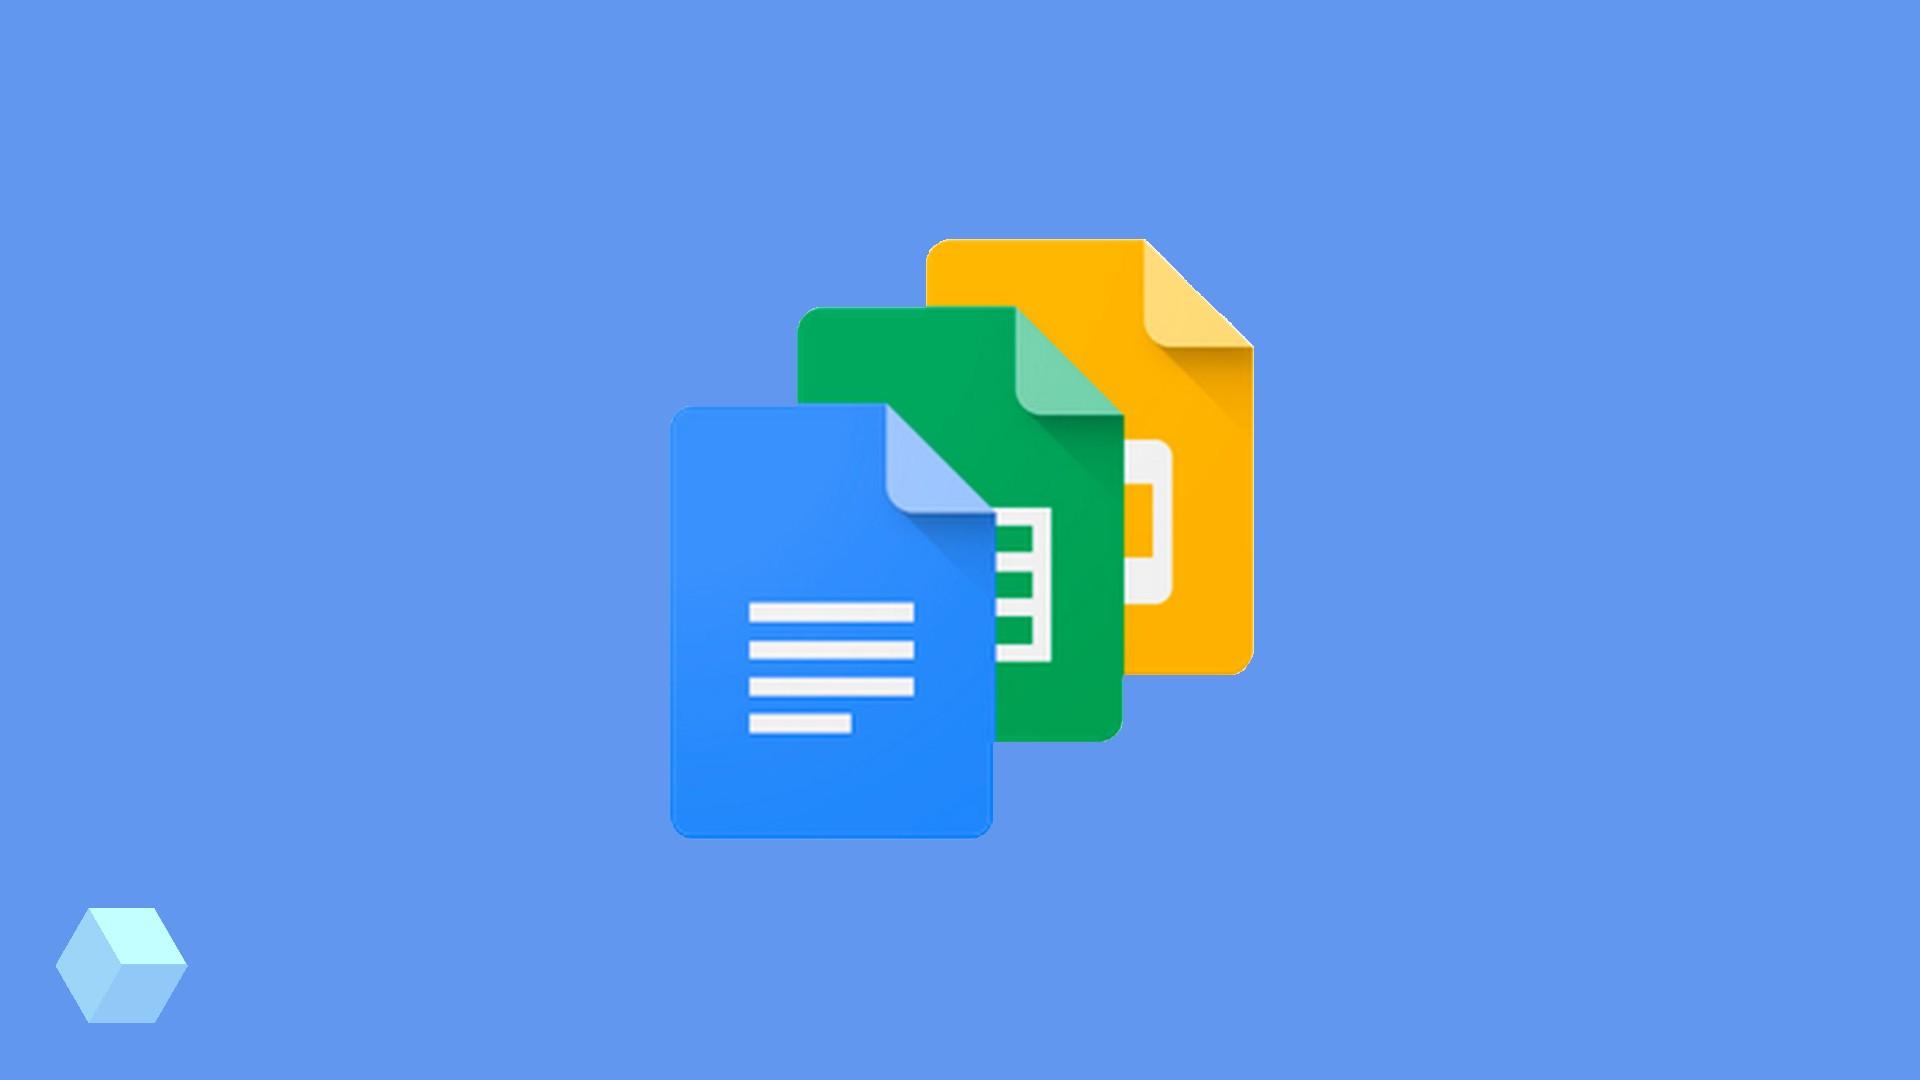 Создавать документы в Google Docs теперь удобнее